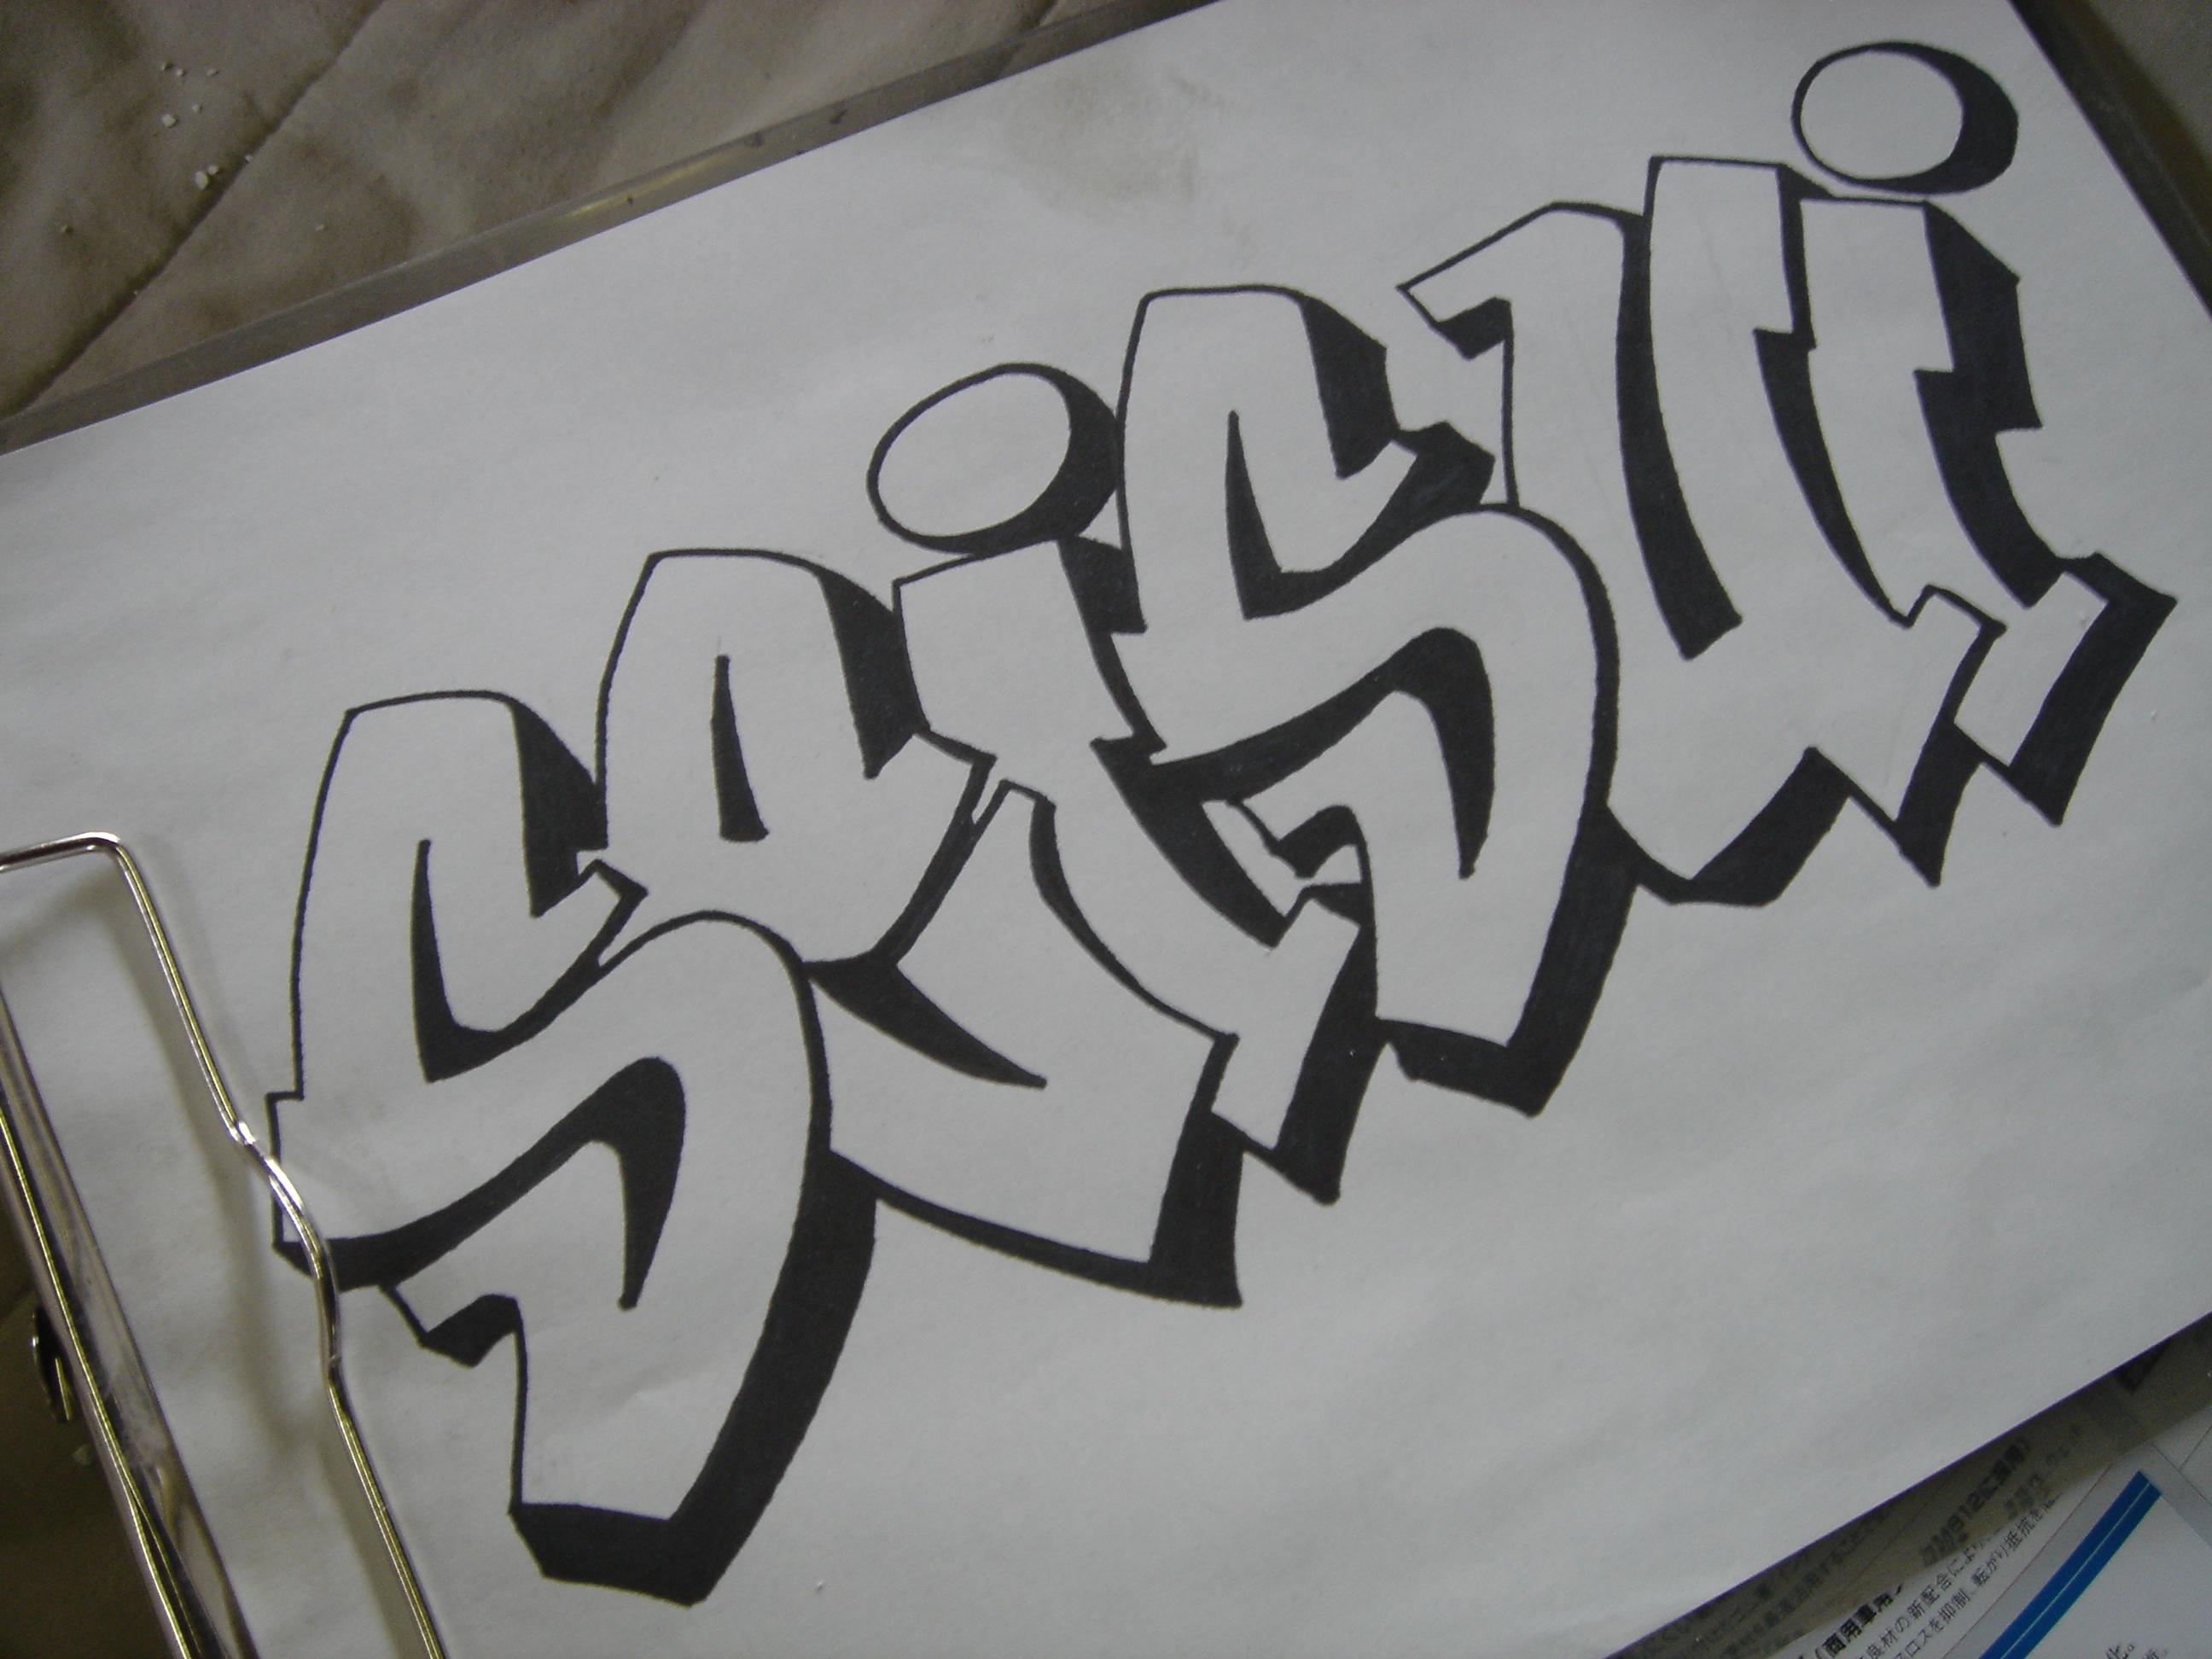 ss13-0.jpg